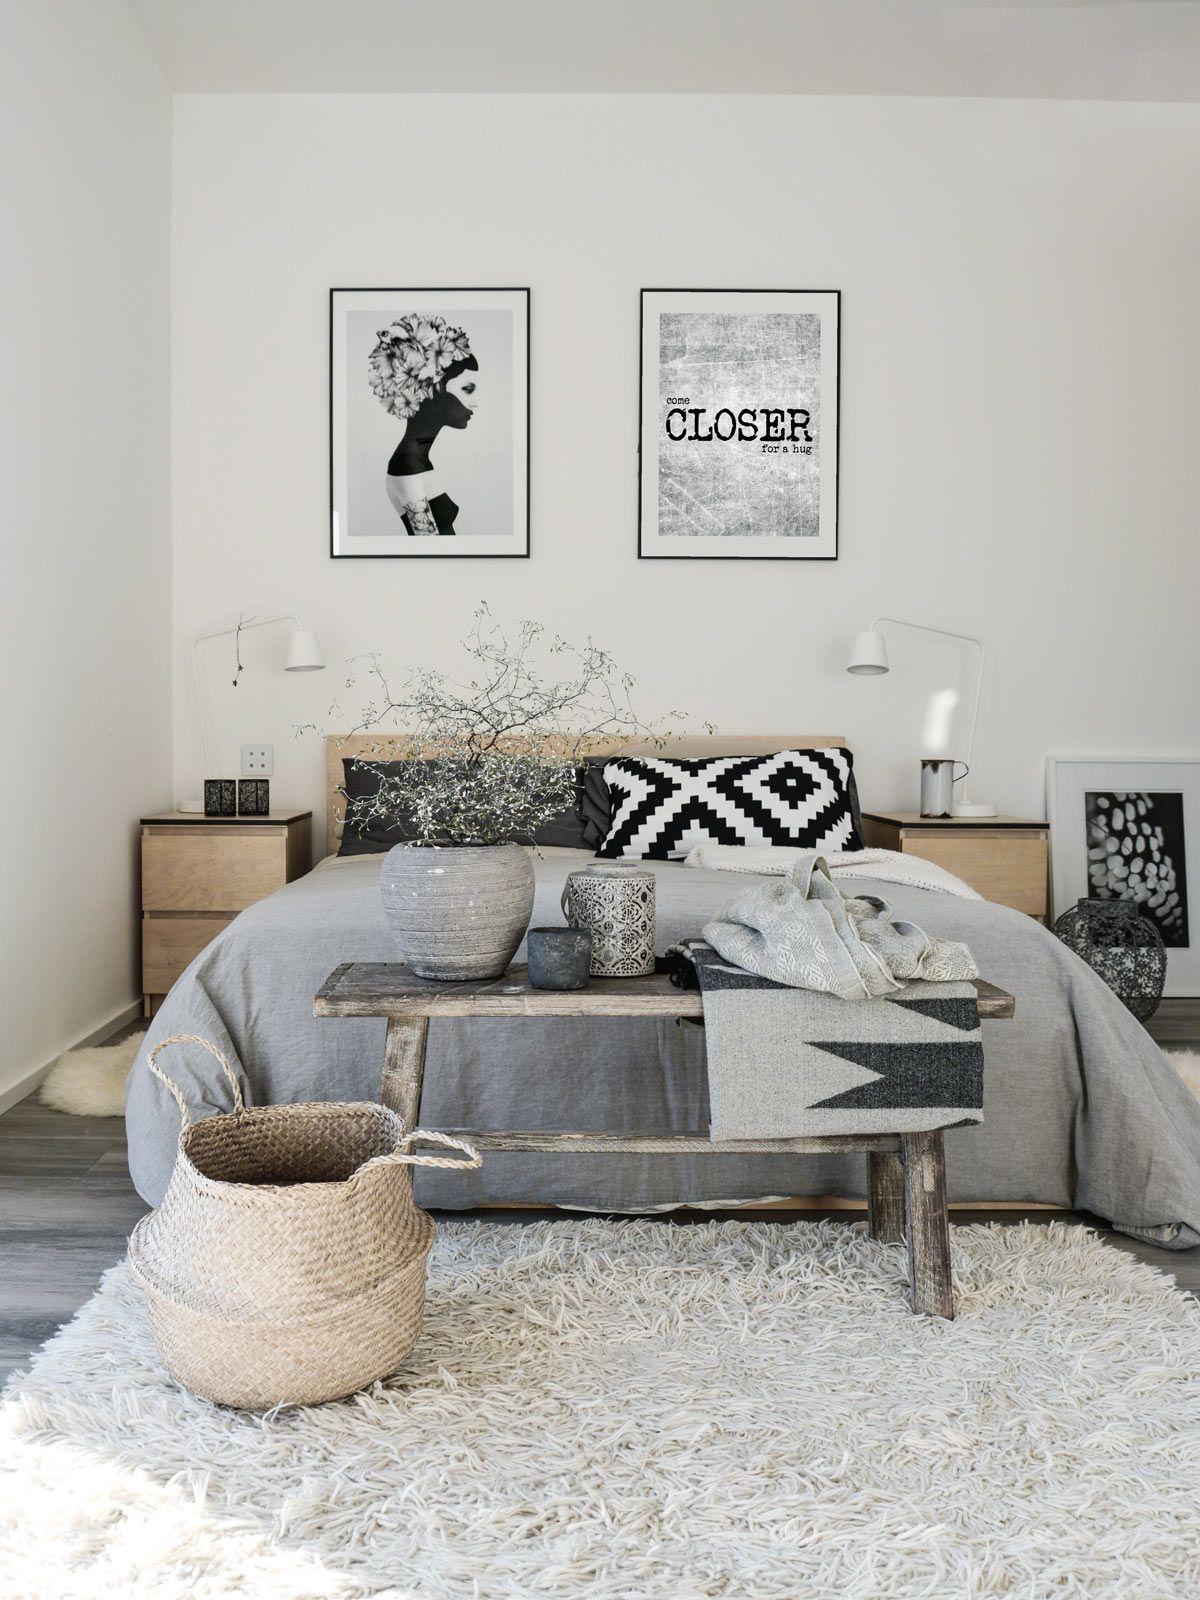 Slaapkamer inspiratie van Tanja | Interieur inrichting | Bedroom ...